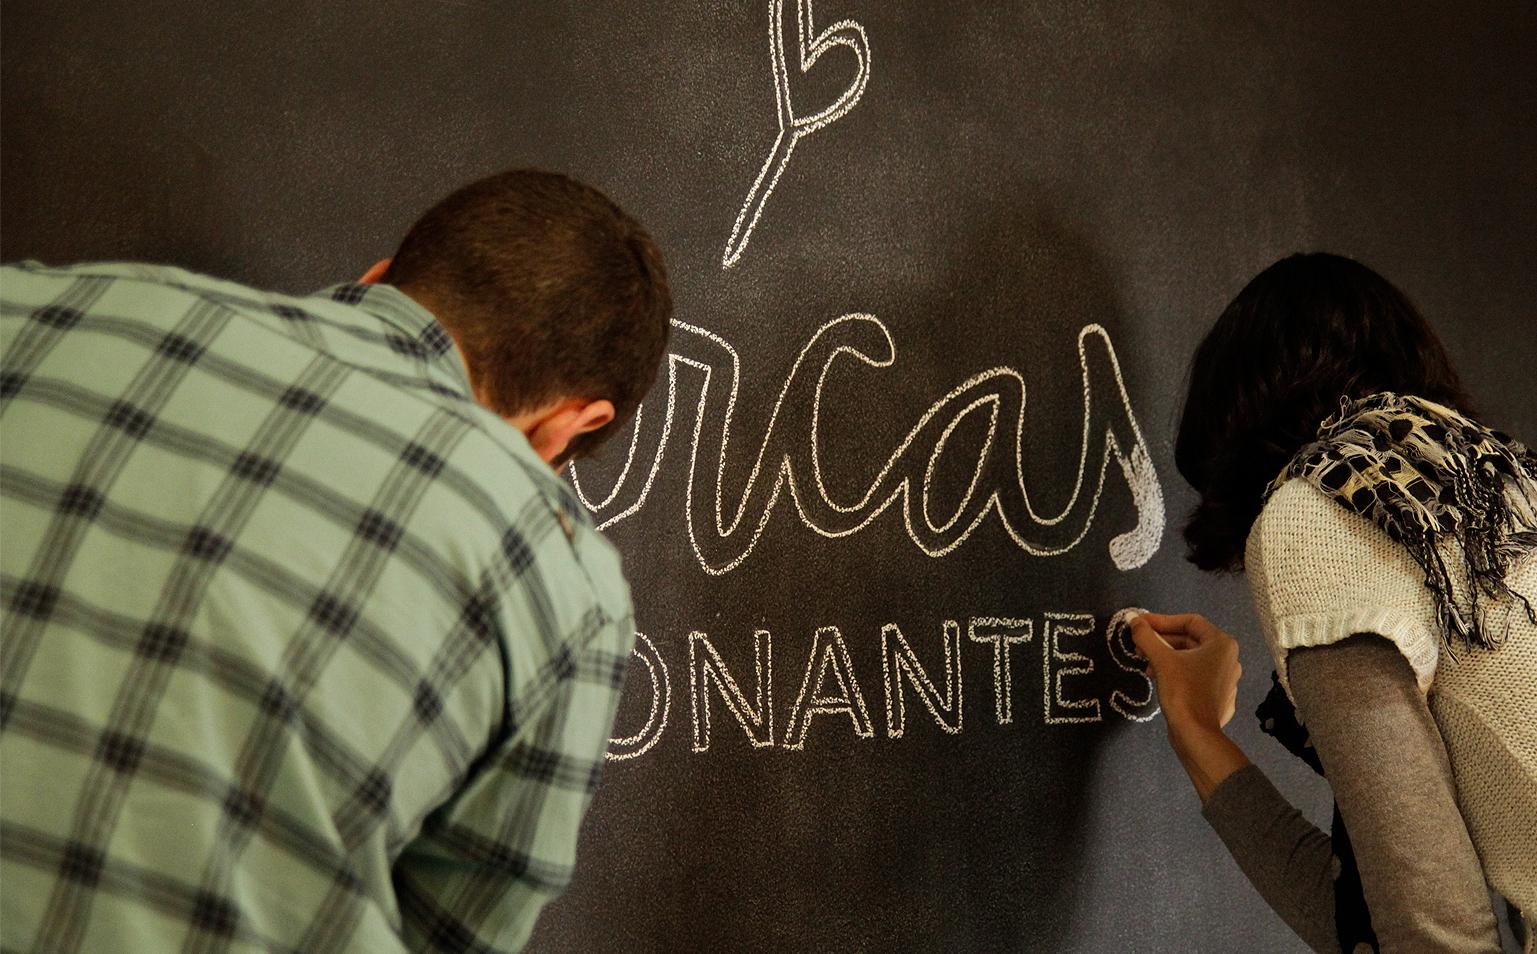 Nossa abertura foi especial, com a marca da websérie sendo desenhada na parede de quadro negro - Foto: Carol Lá Lach